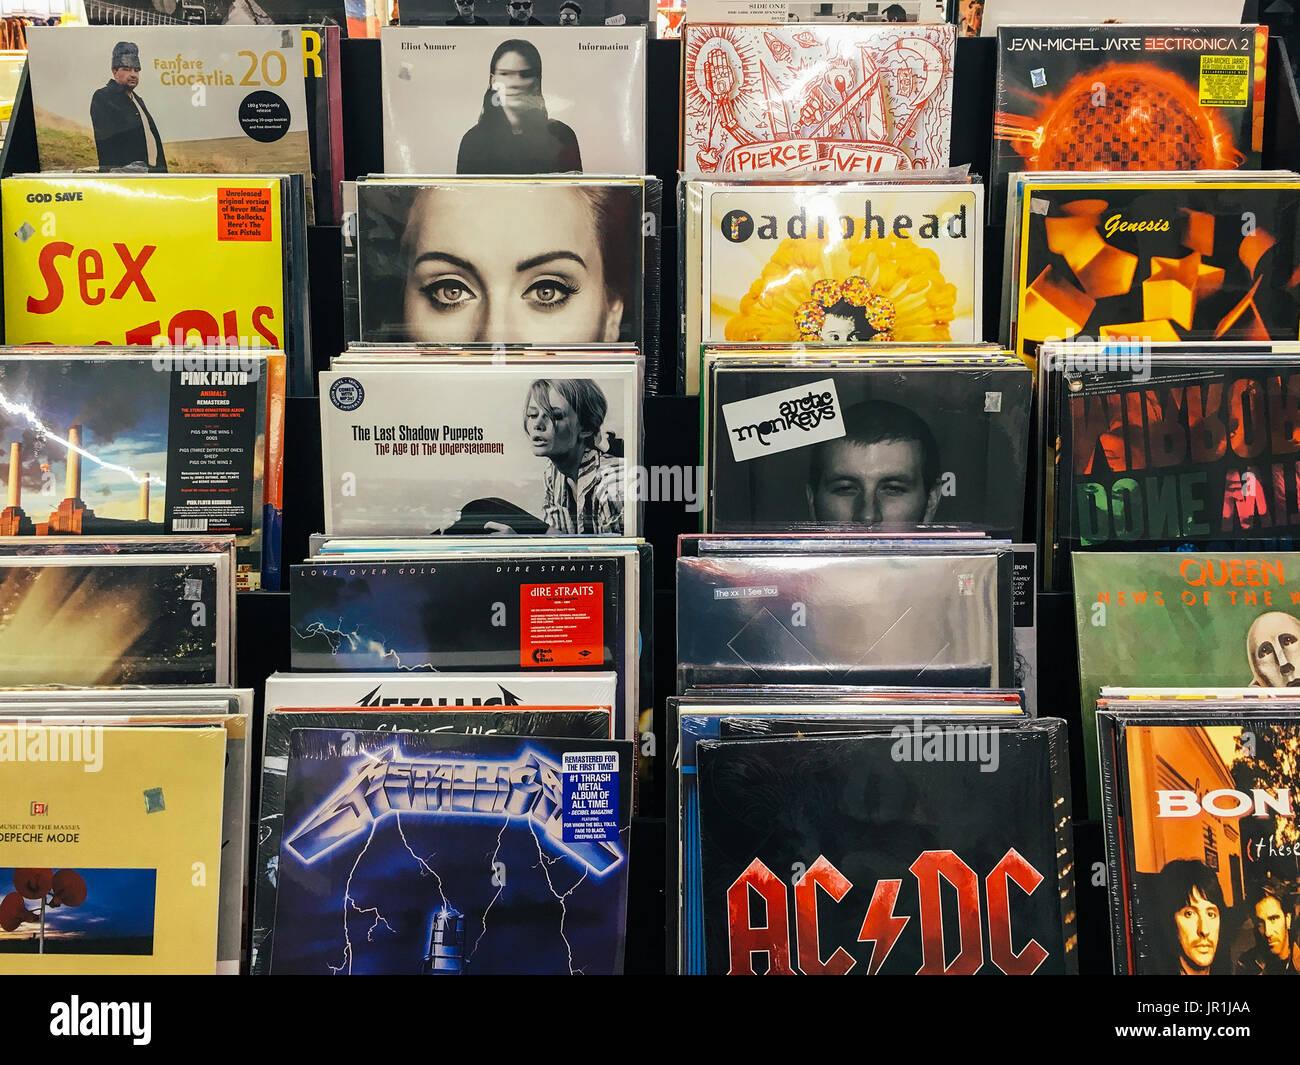 Vinyl Records Shop Stock Photos & Vinyl Records Shop Stock